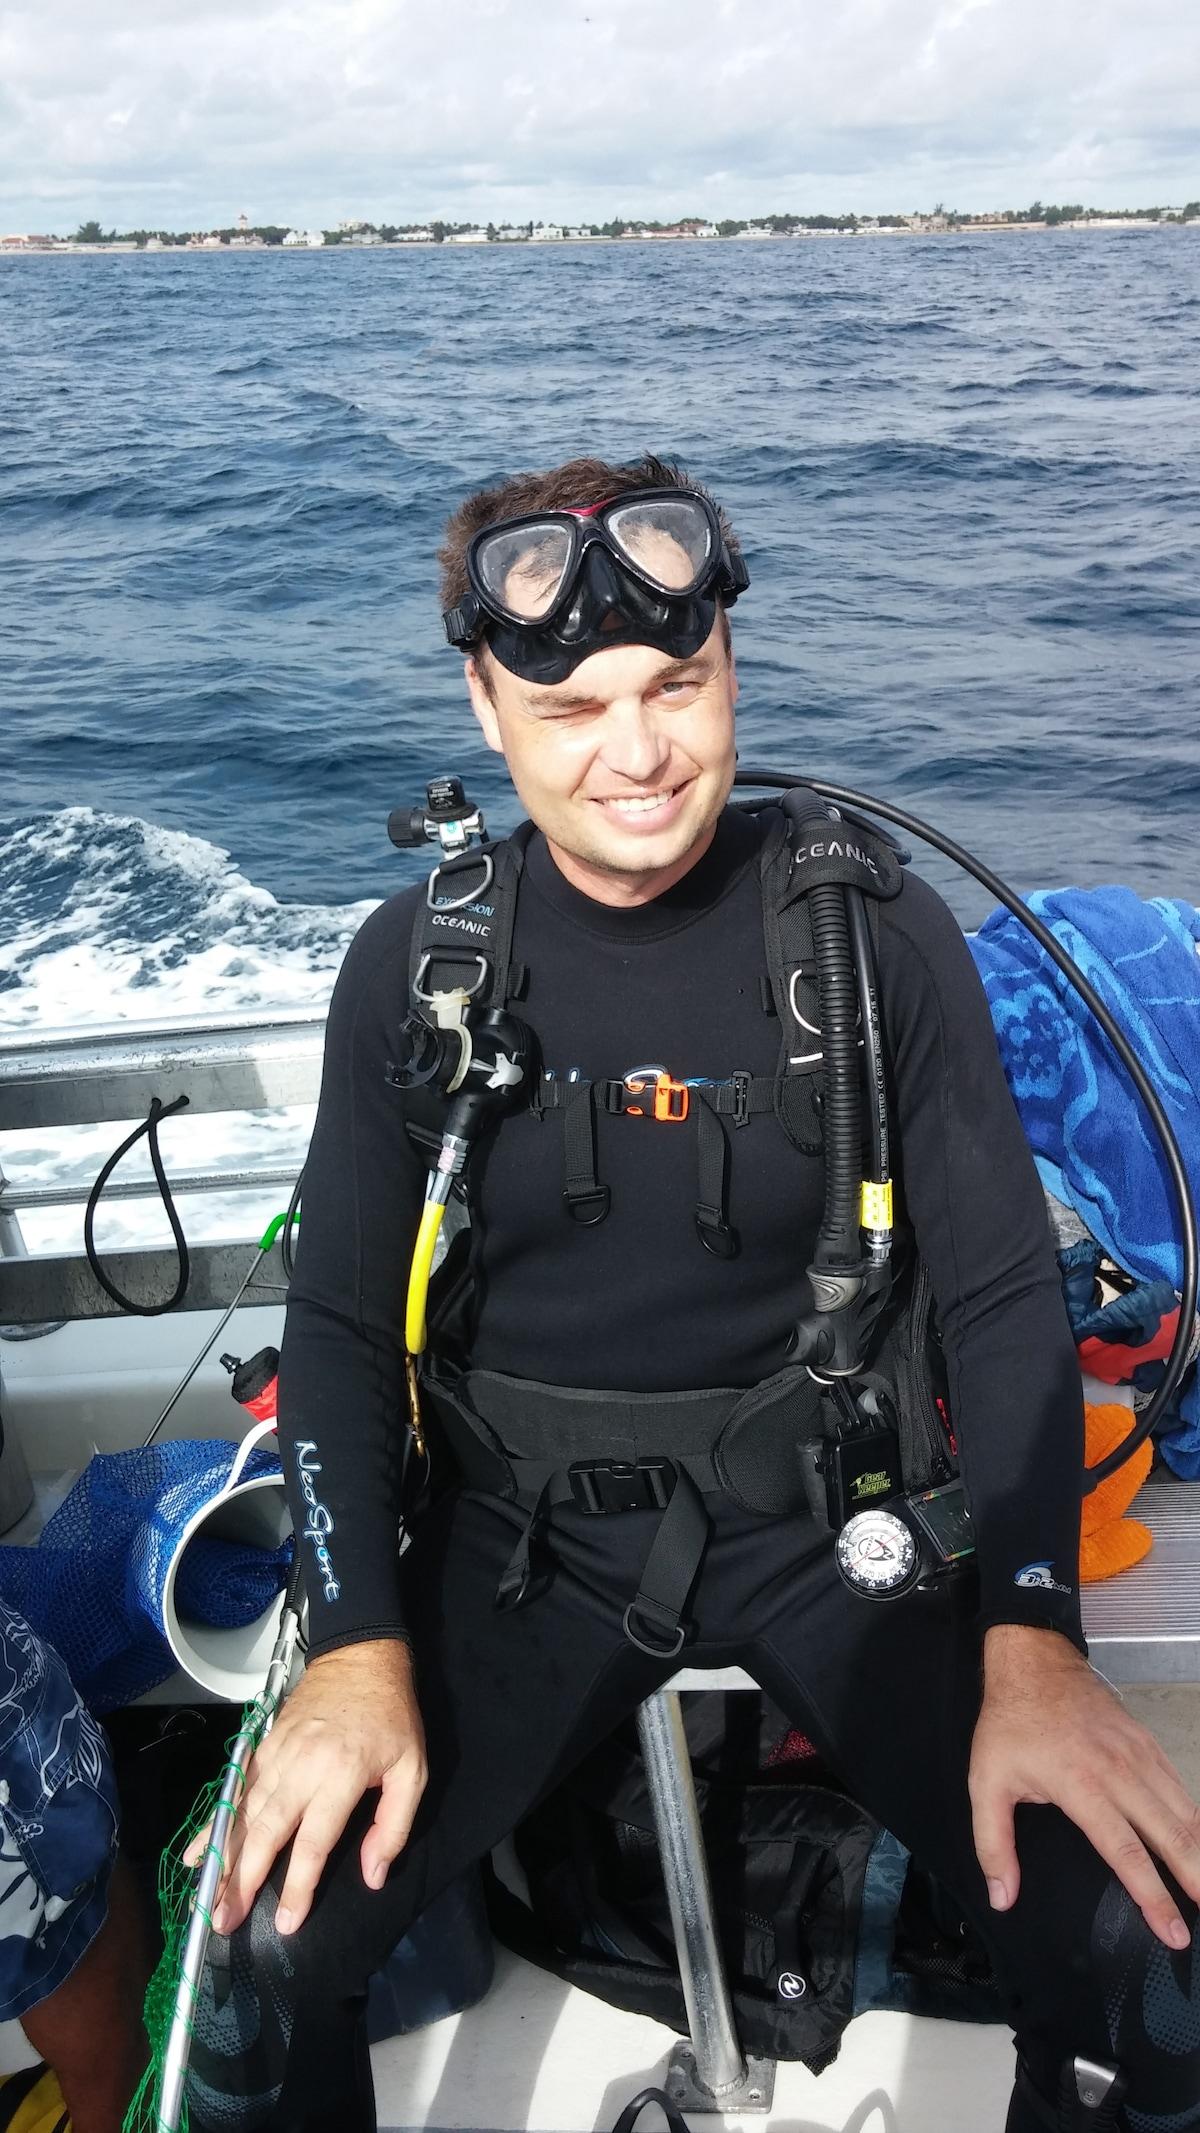 Andrey from Sarasota